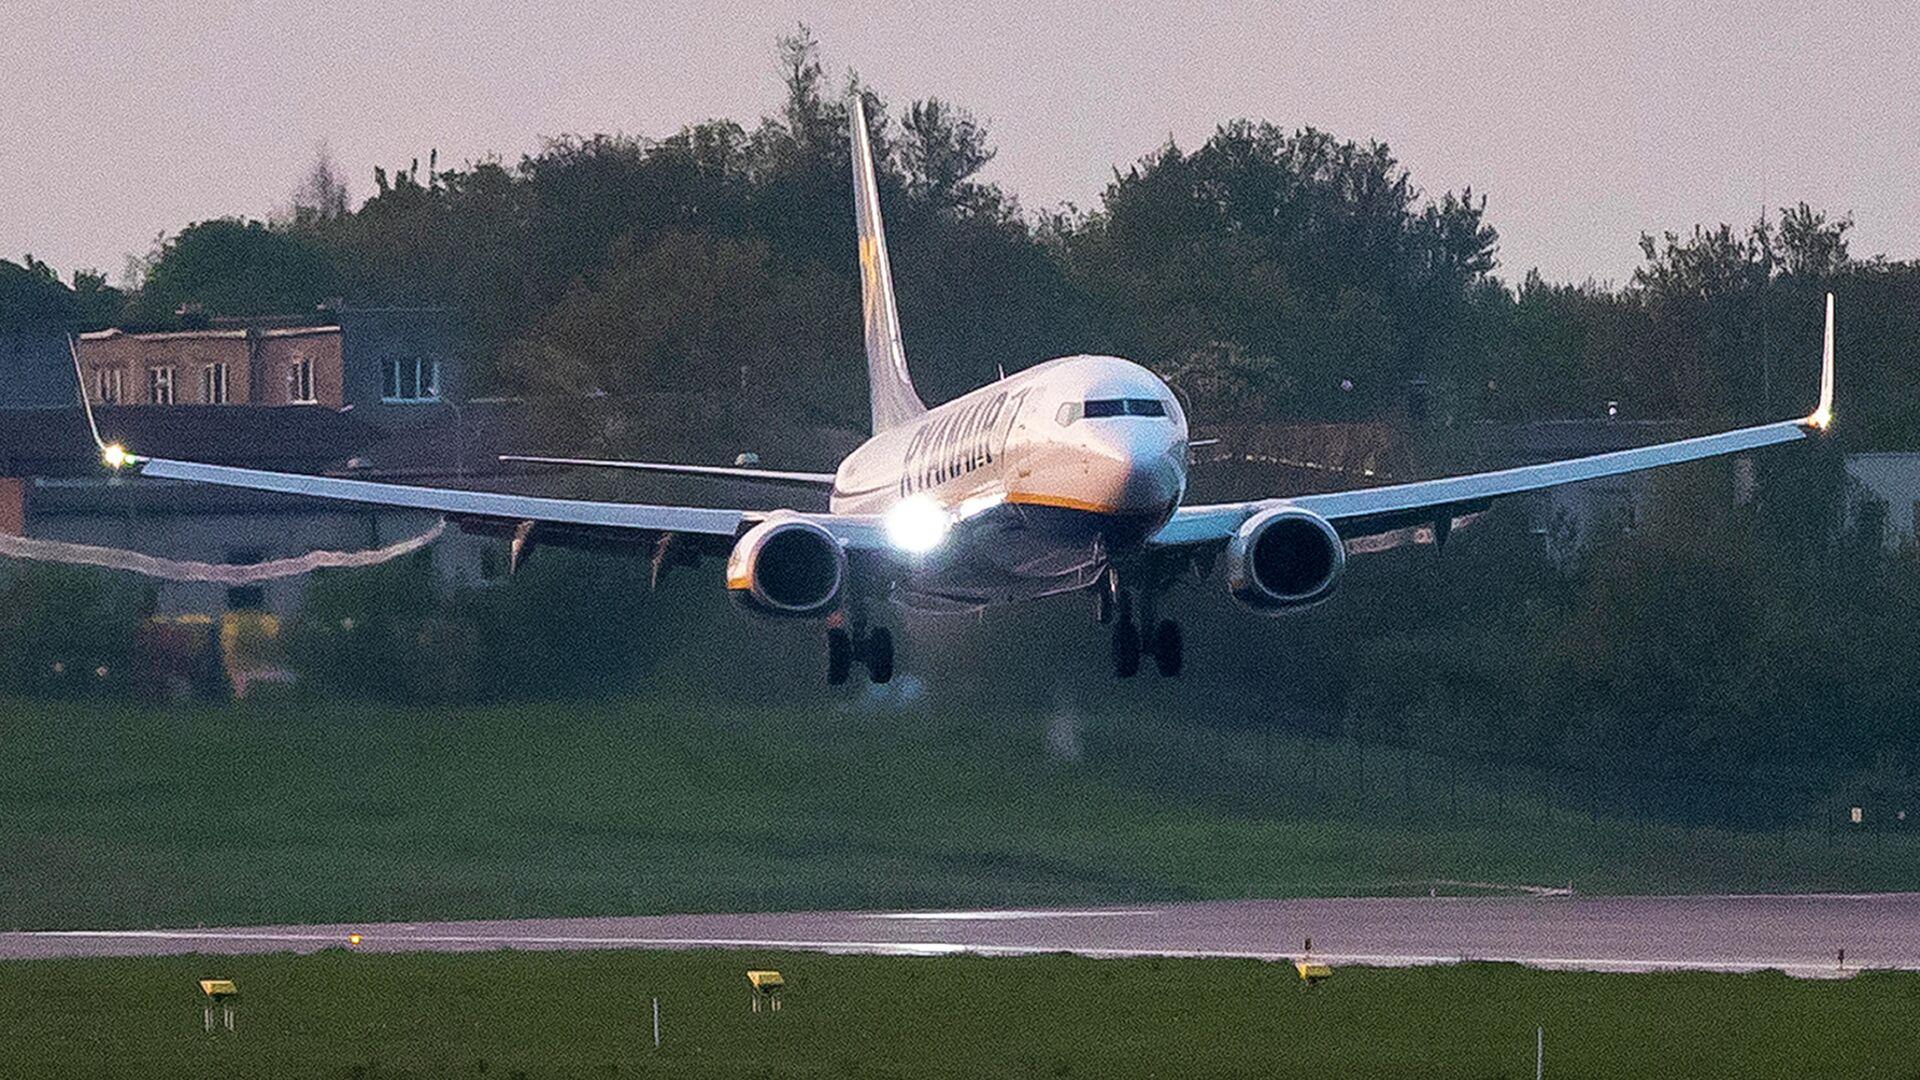 Эксперт рассказал, что может сделать Белоруссия в ответ на запрет полетов